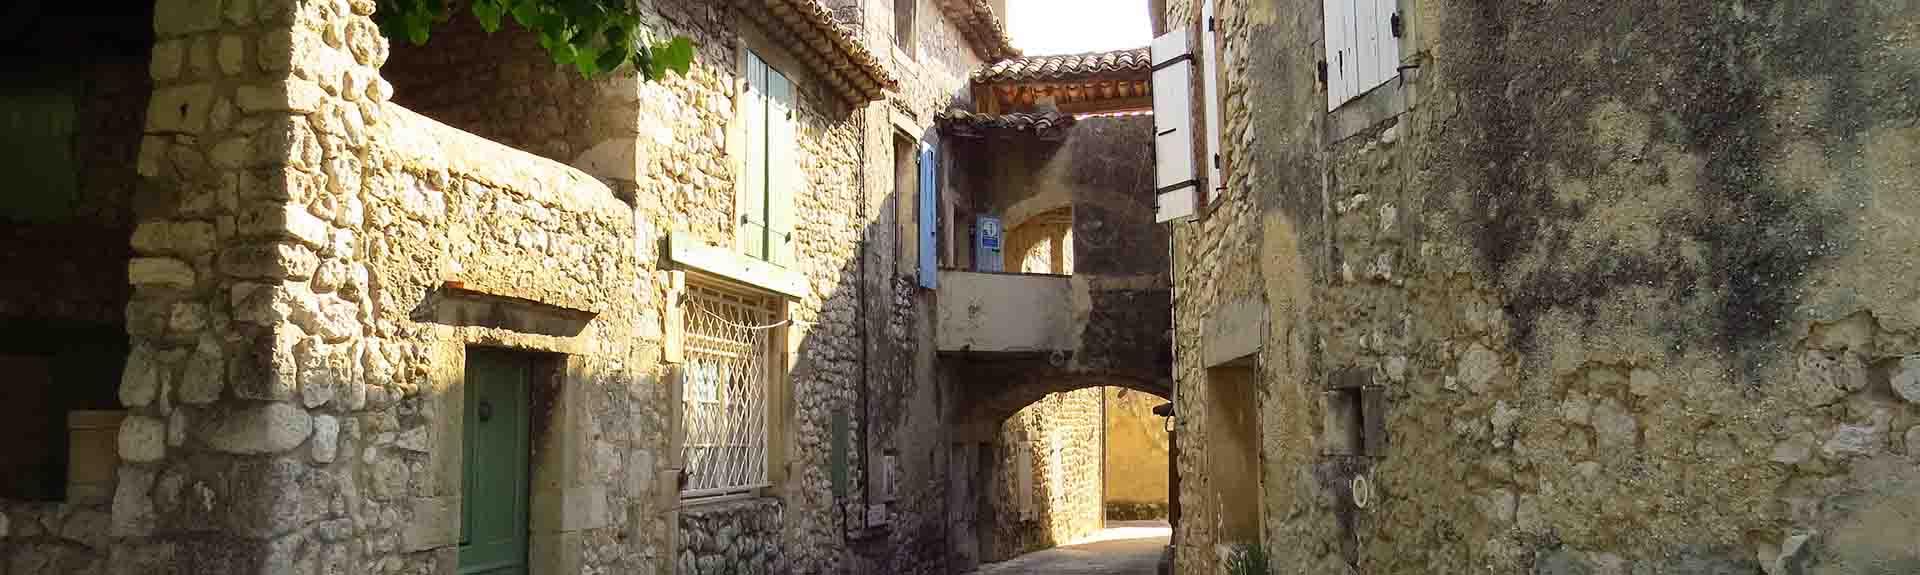 Mourir et mieux vivre avec la modernité, dans une communauté rurale, La Garde-Adhémar-Cours UNIVAL